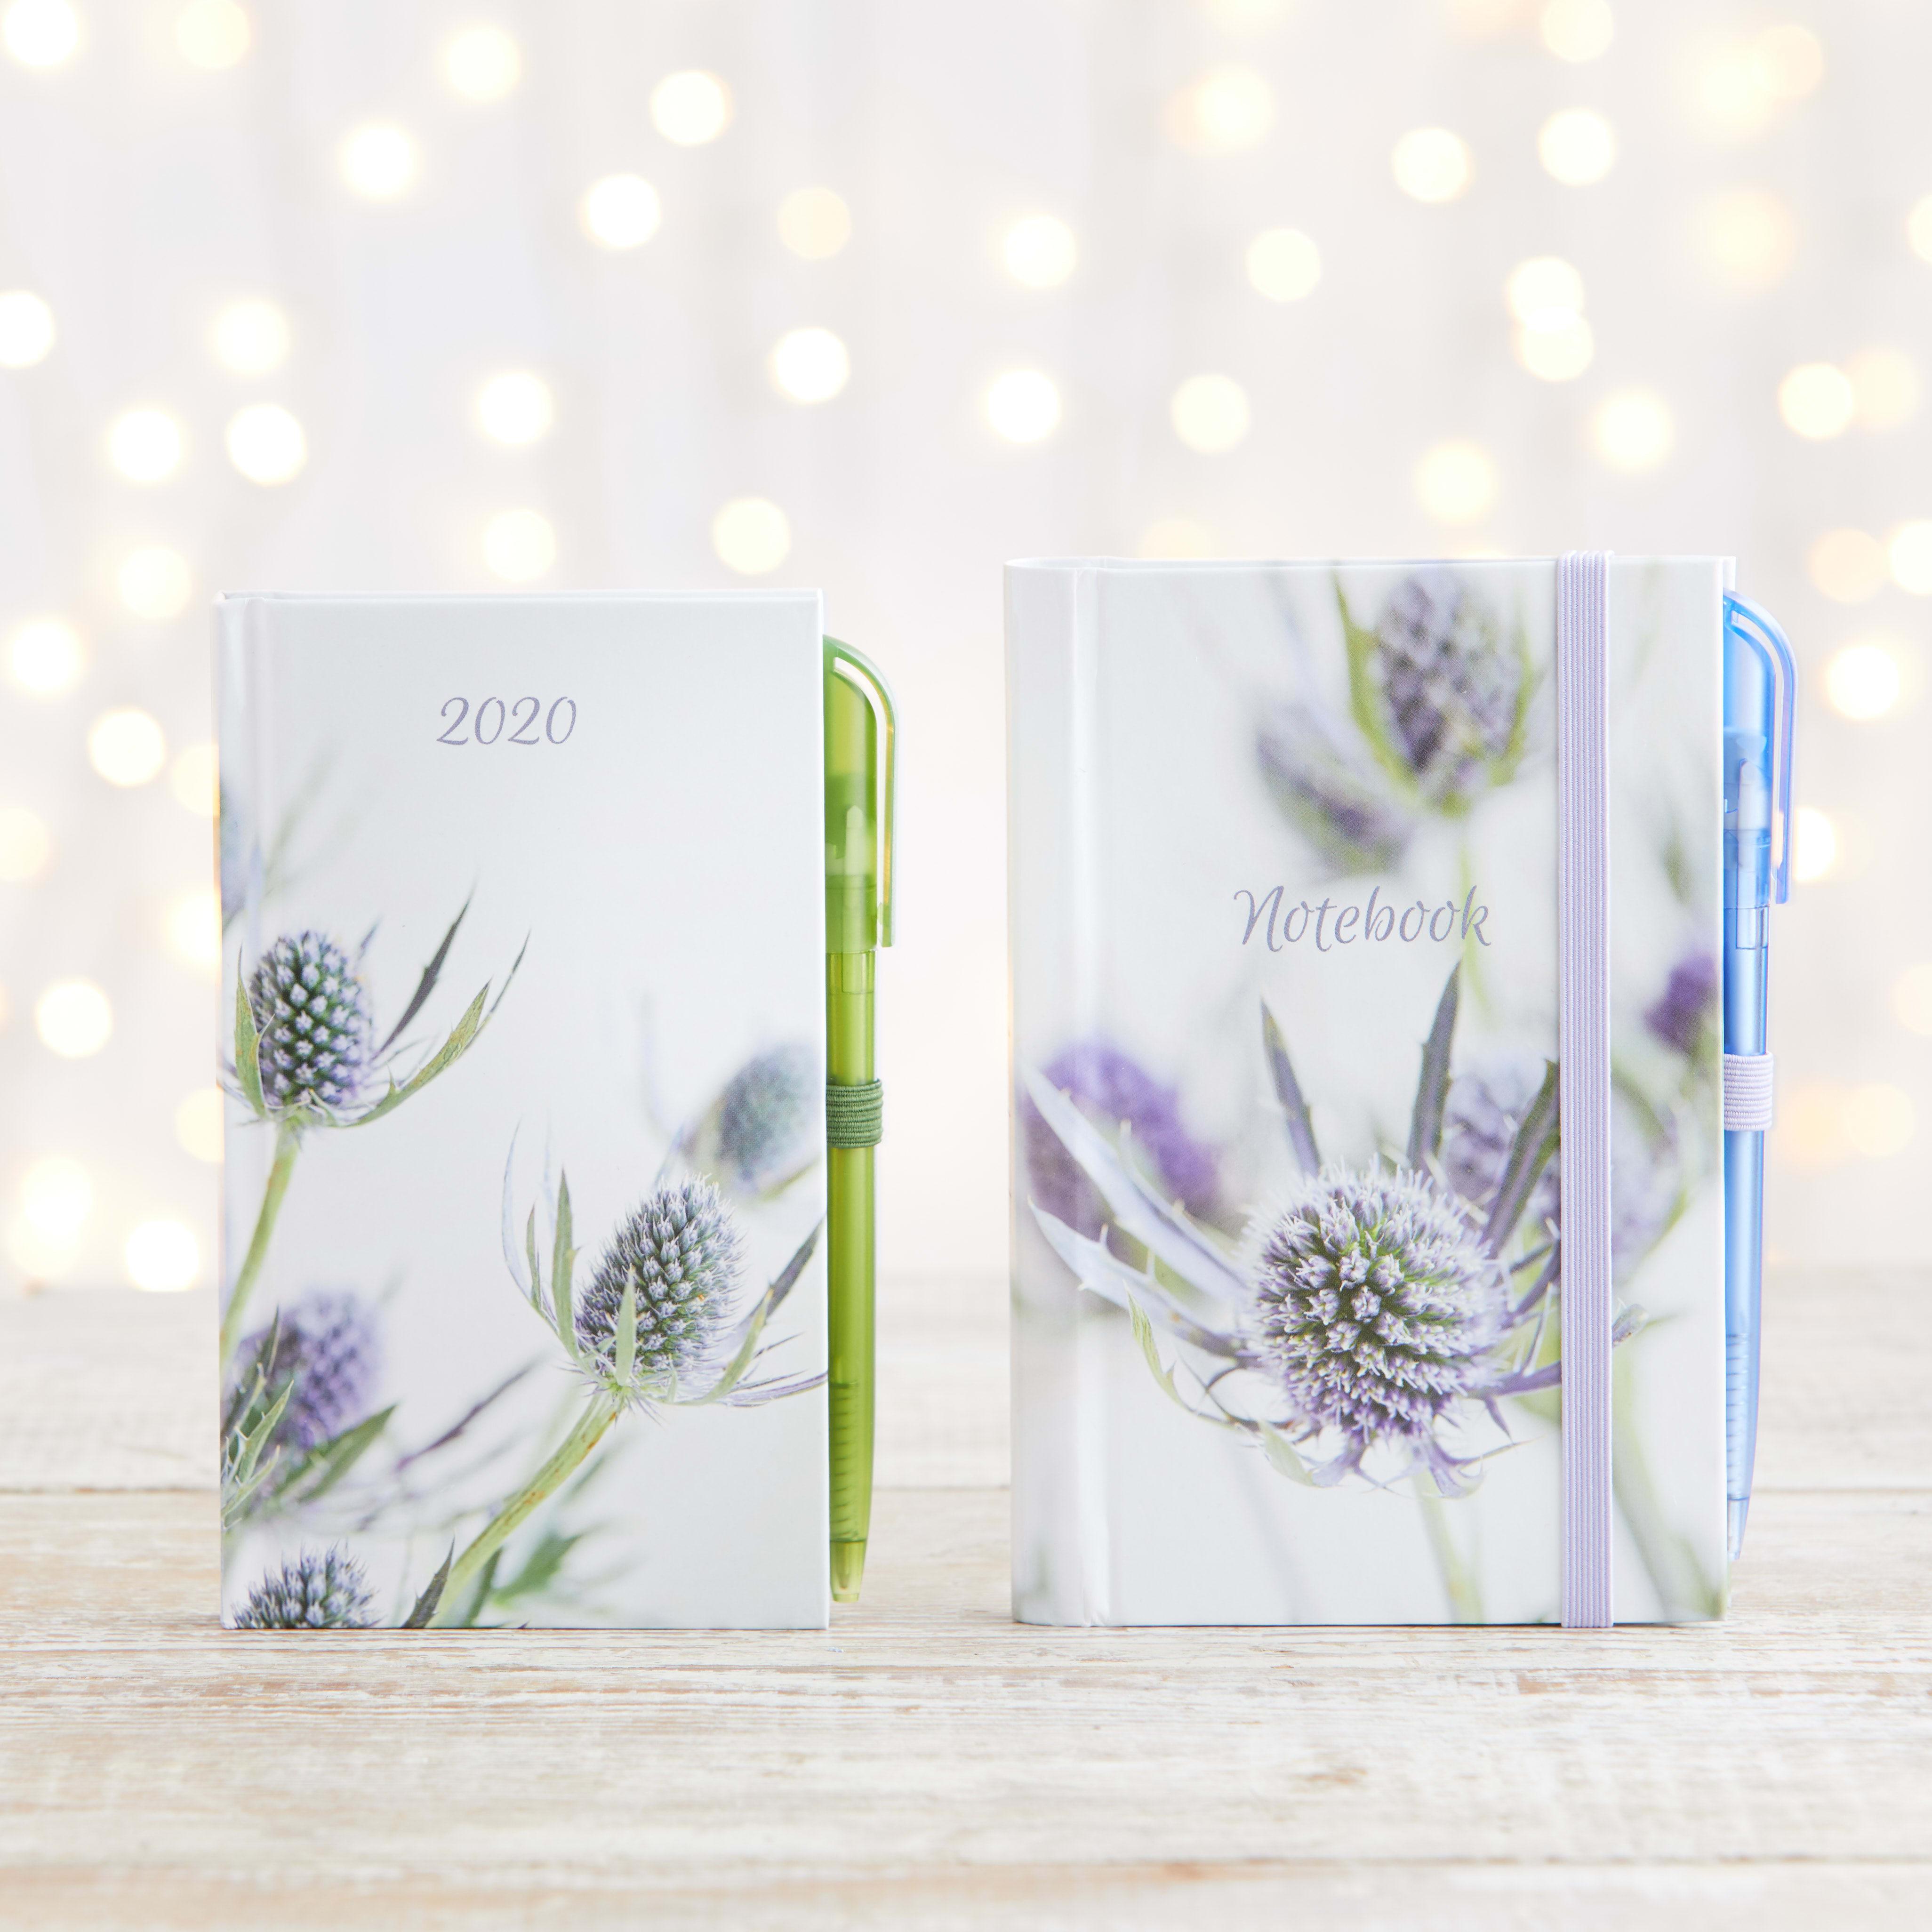 2020 Pocket Diary Set